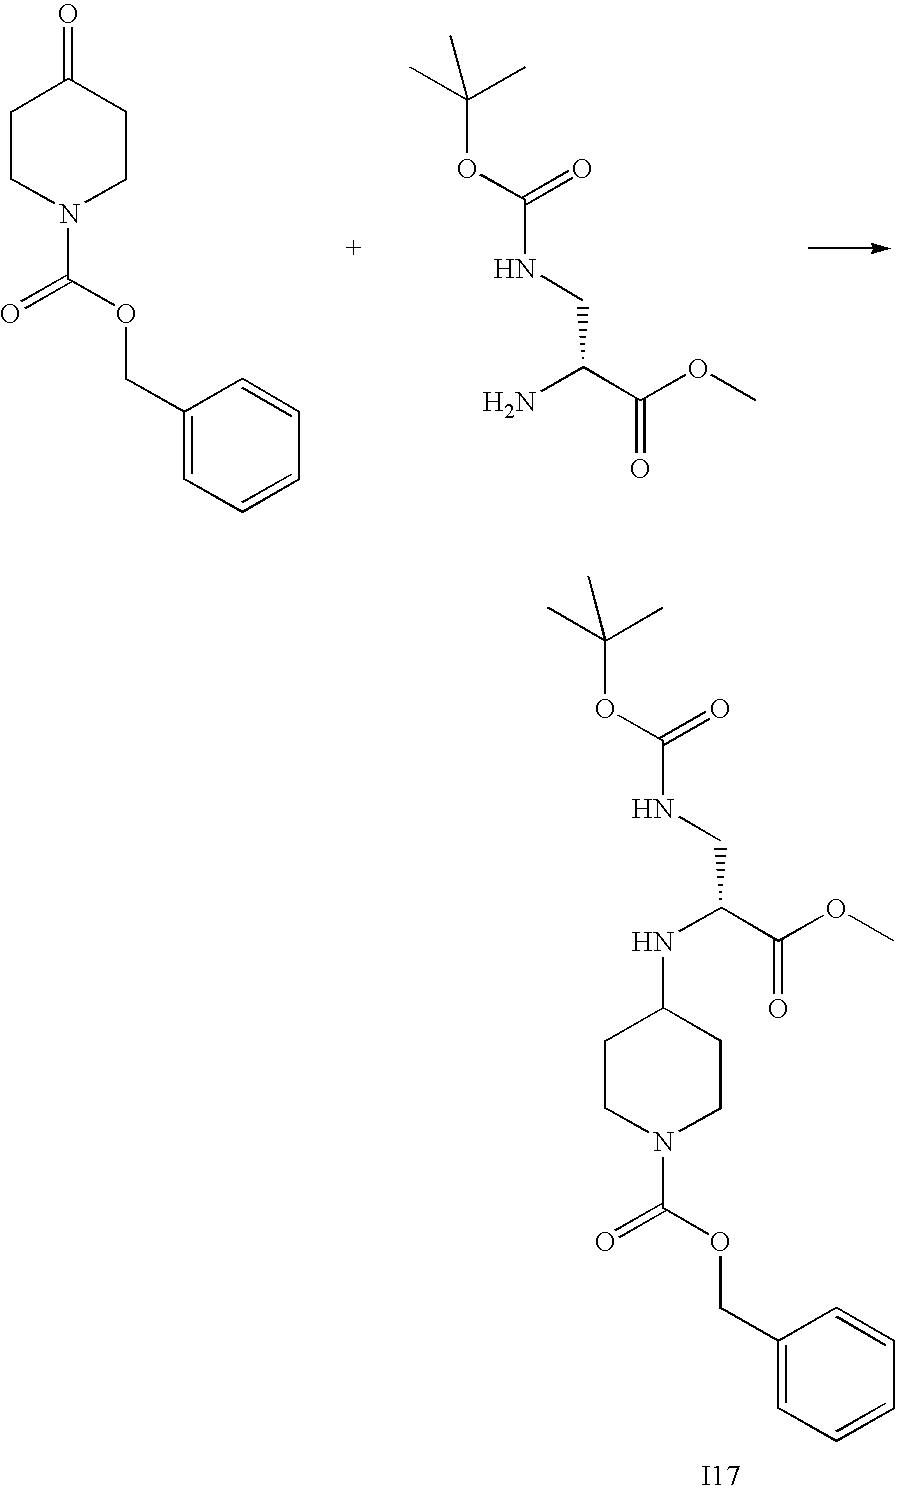 Figure US20100261687A1-20101014-C00117